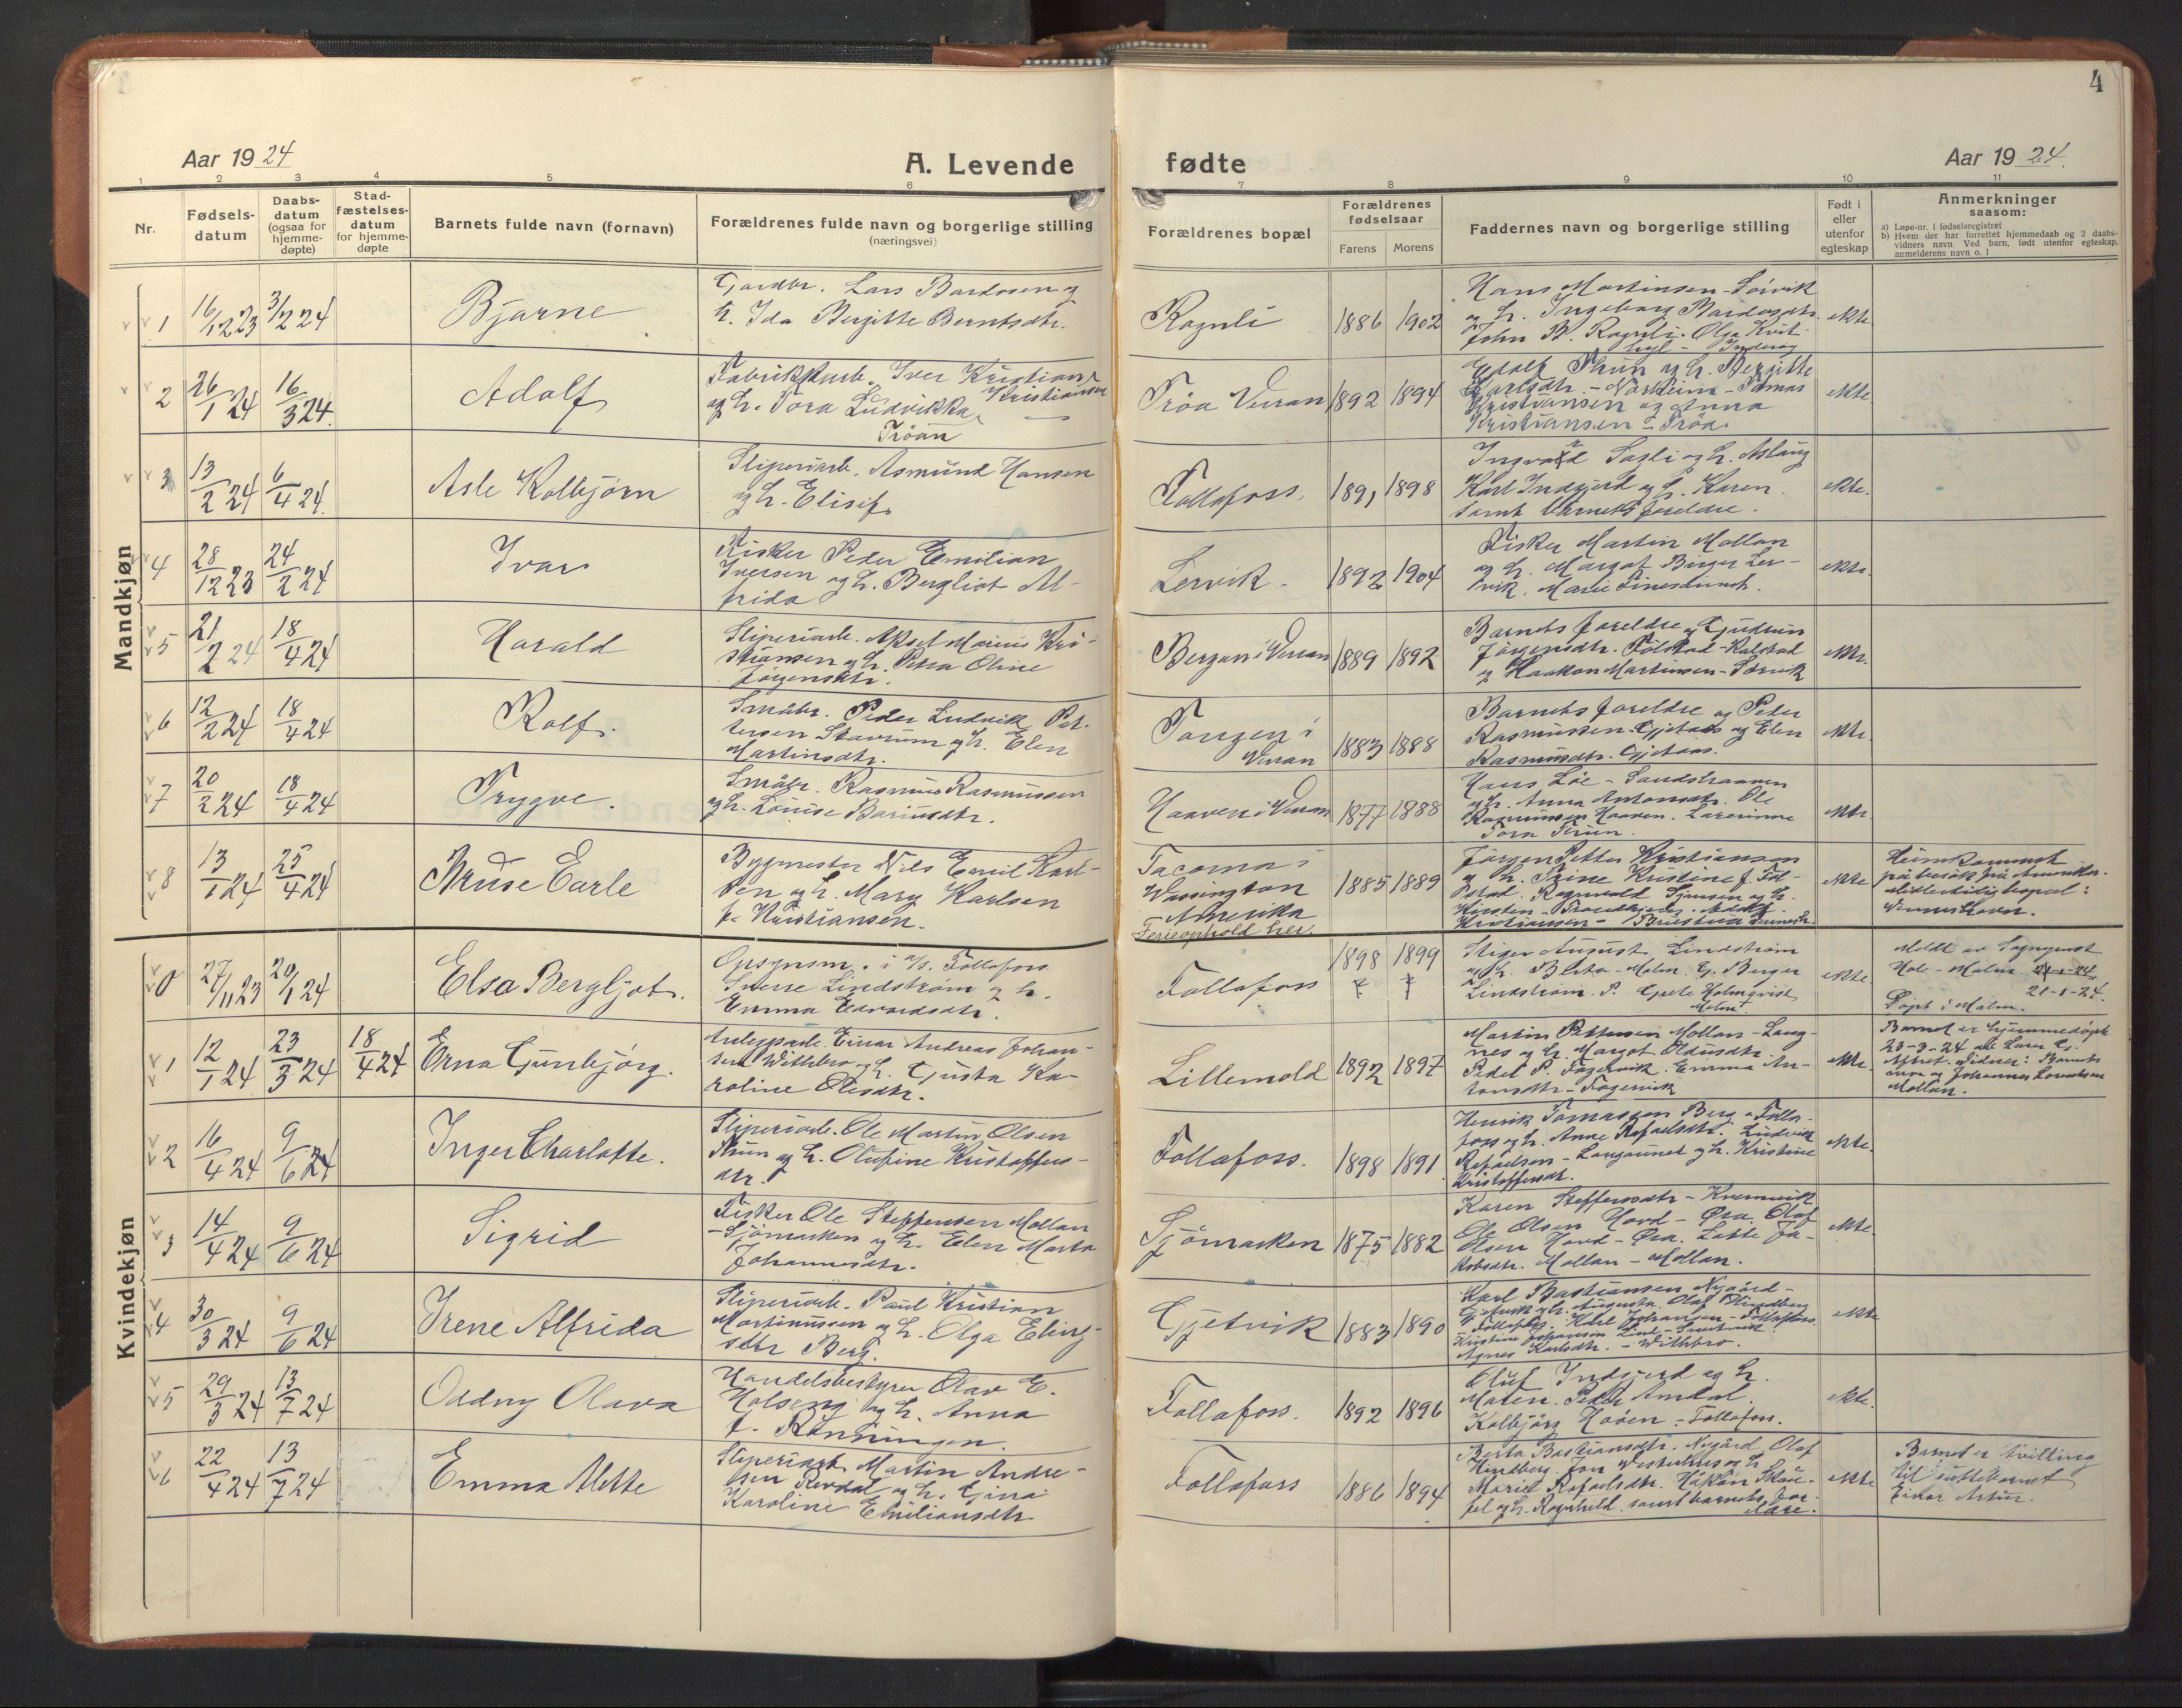 SAT, Ministerialprotokoller, klokkerbøker og fødselsregistre - Nord-Trøndelag, 744/L0425: Klokkerbok nr. 744C04, 1924-1947, s. 4